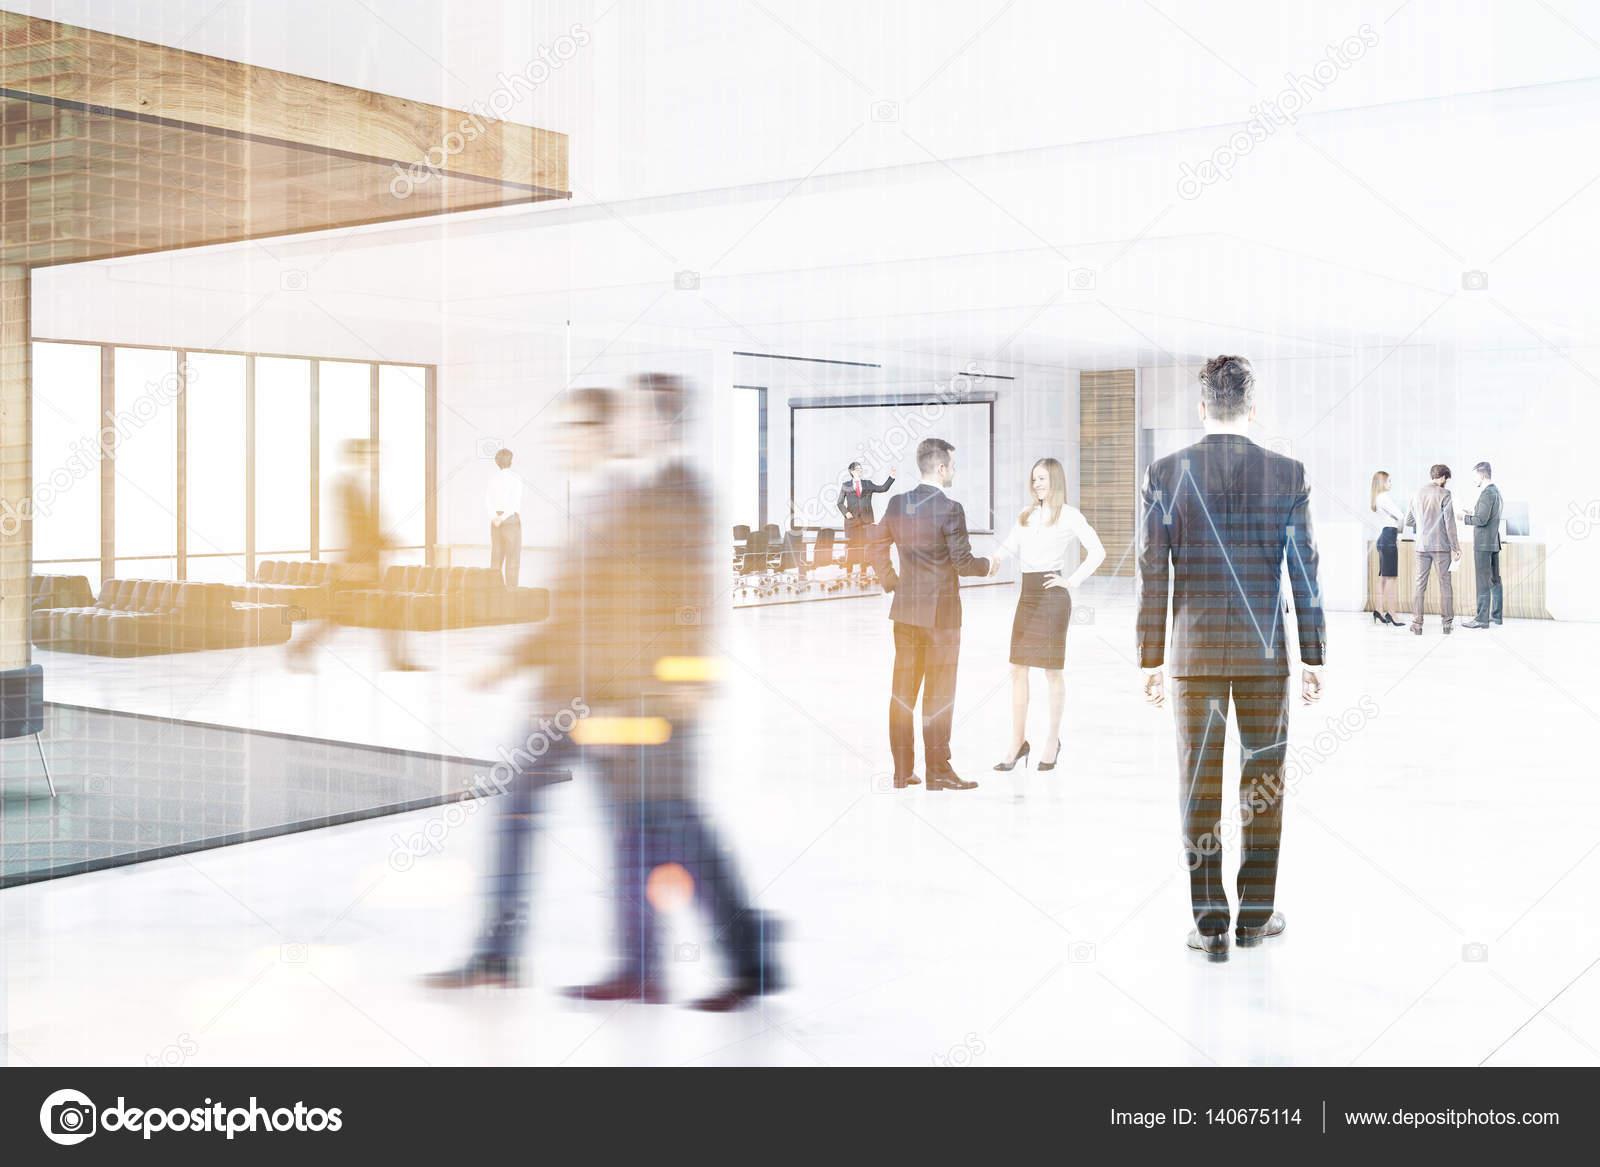 Banconi Per Ufficio Jacket : Persone in un corridoio dell ufficio con una lavagna tonica